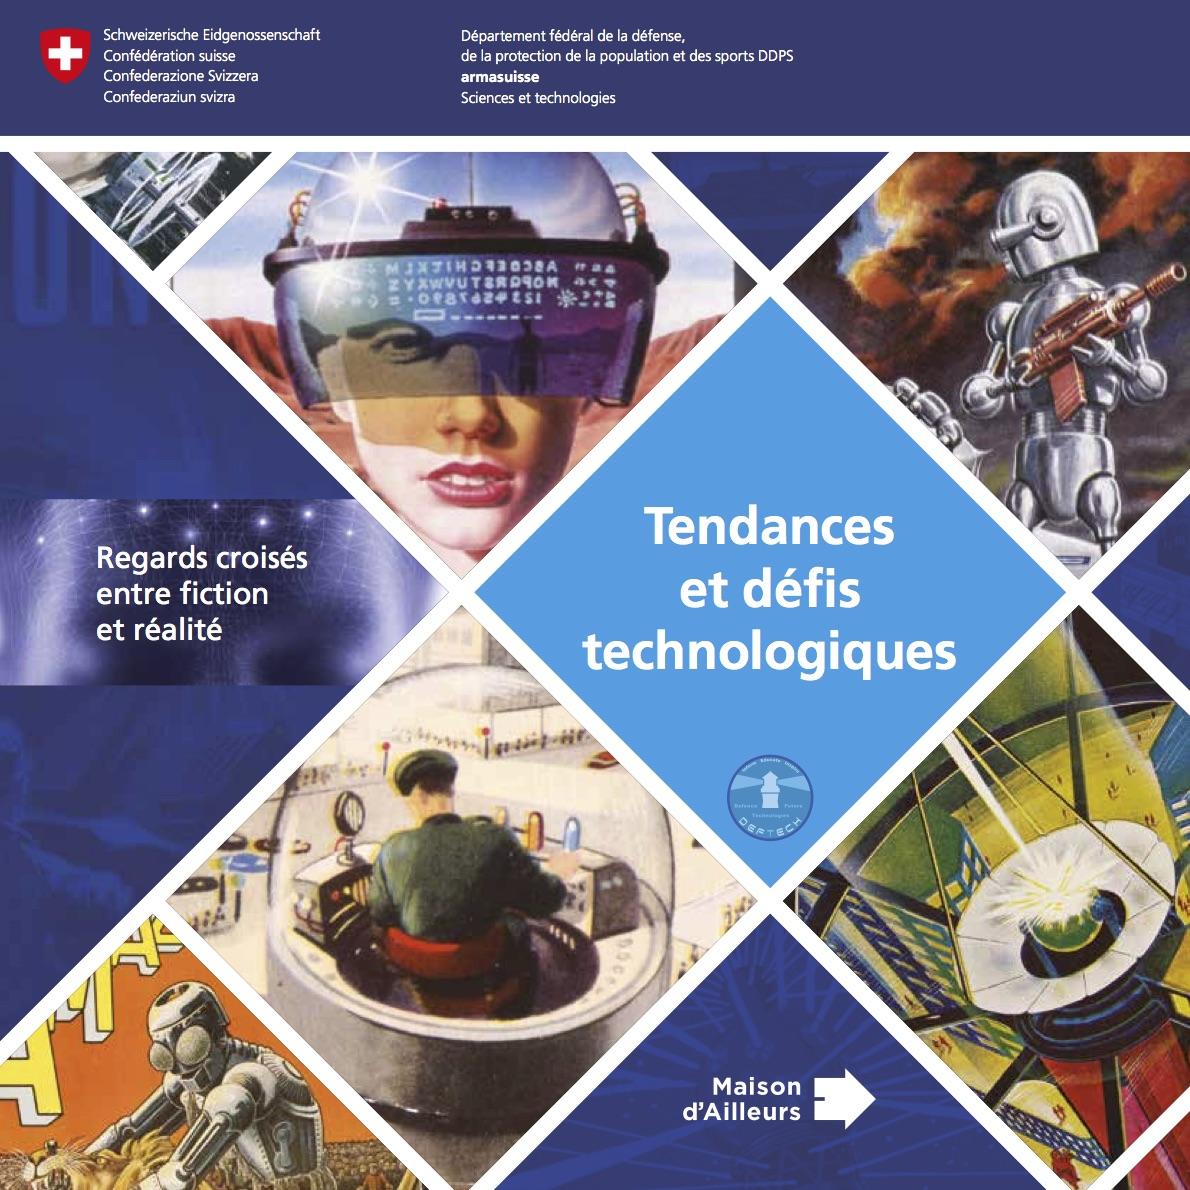 Tendances-et-defis-technologiques-armasuisse-S+T-DEFTECH-2018